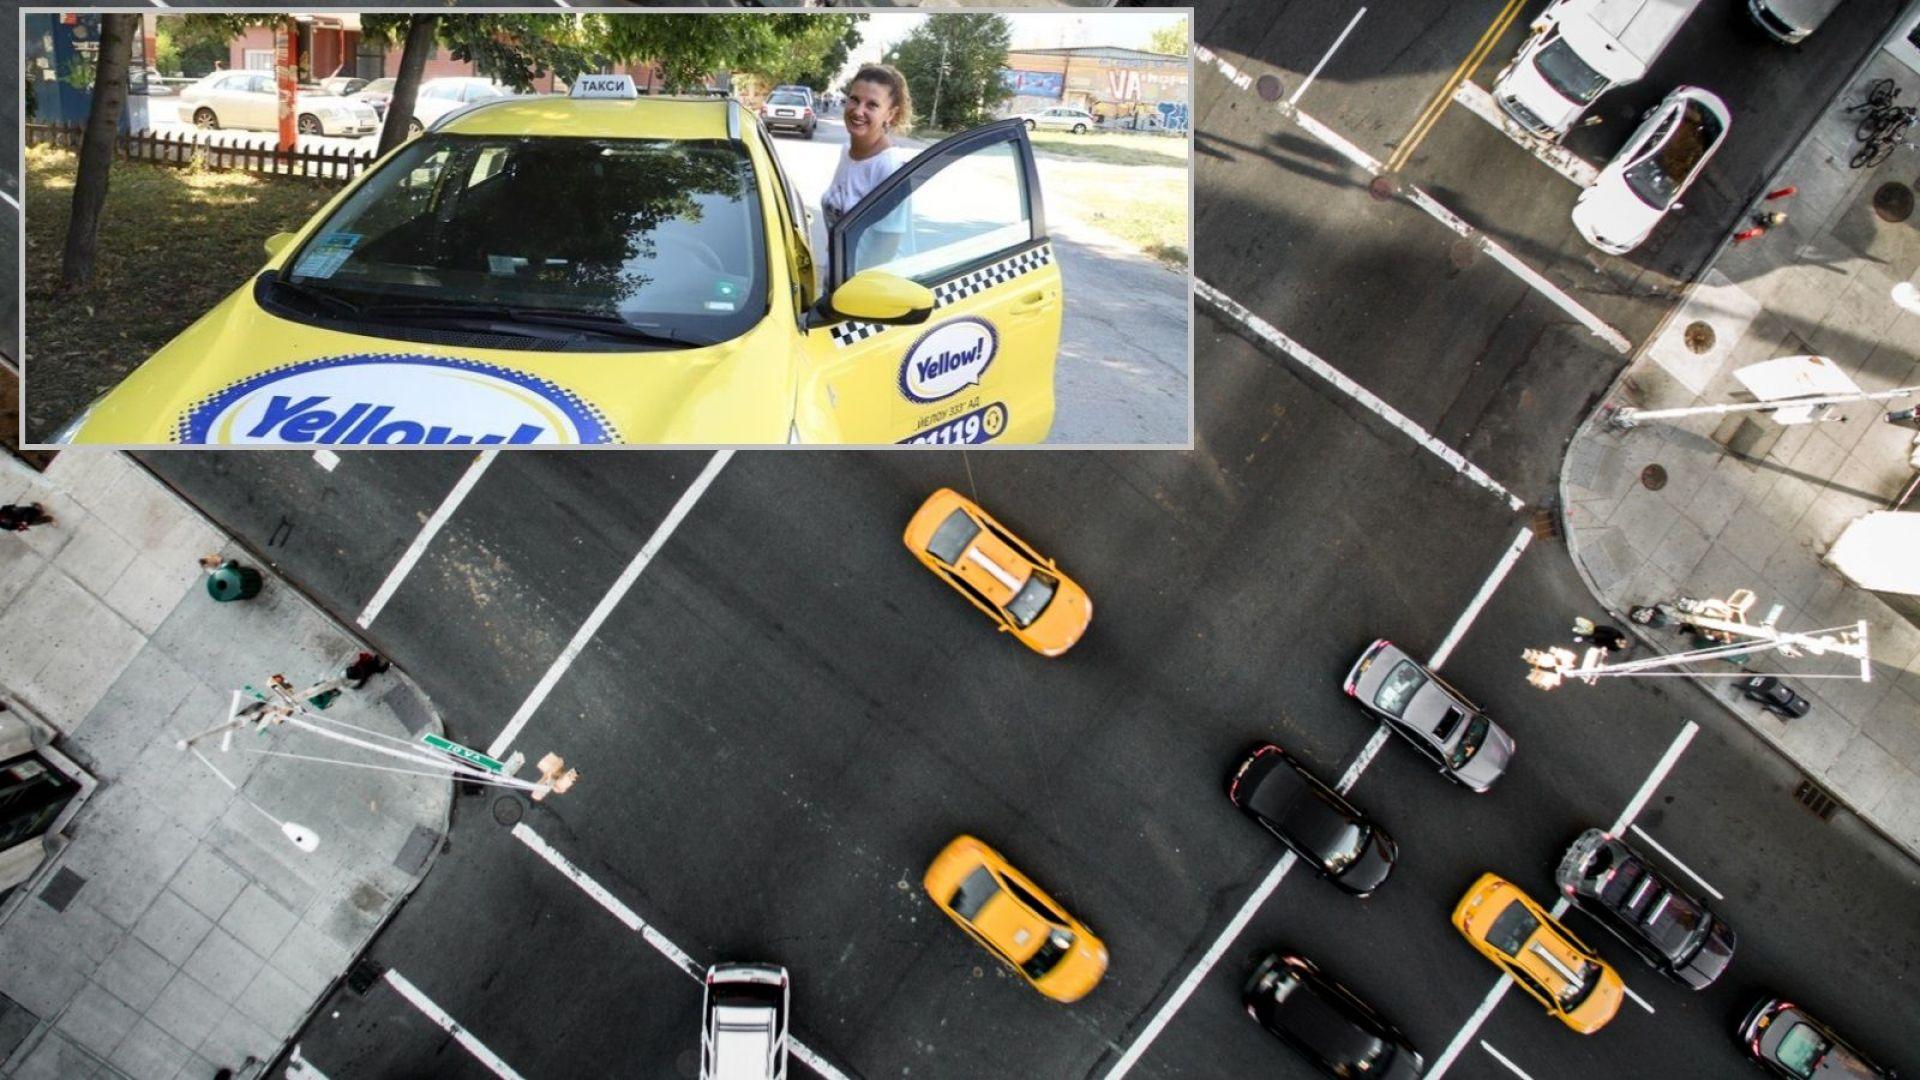 Топ репортерът Миролюба Бенатова вече е таксиметров шофьор. Това разкри